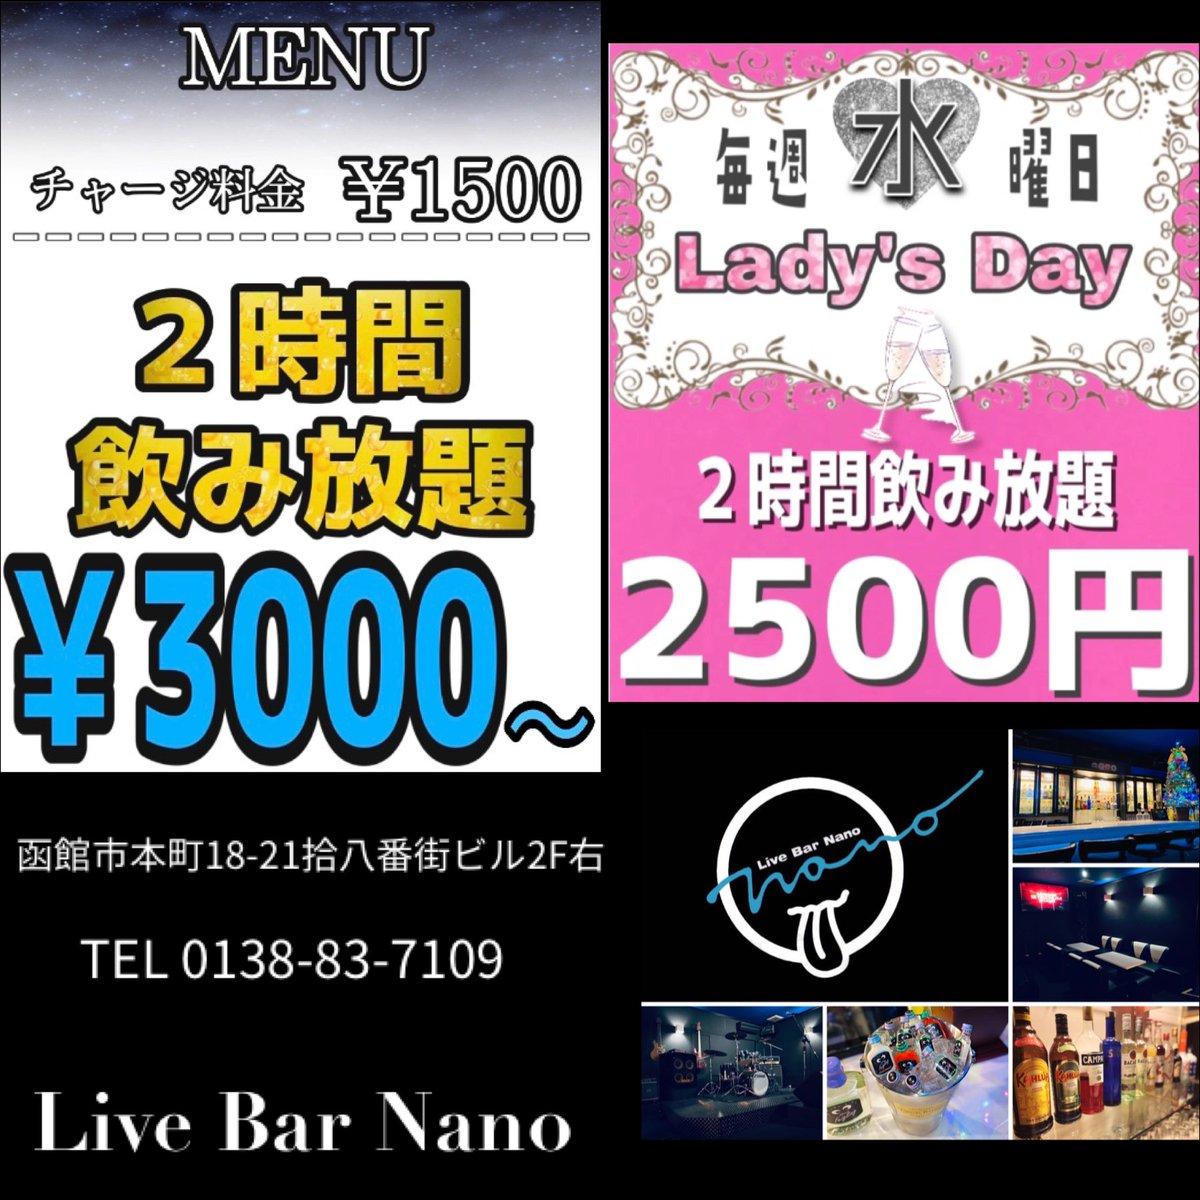 こんばんは!Live Bar Nanoです🎸 肌寒くあいにくの天気ではございますが本日20時よりOPENです🤟  ユウイチロー君@drumyuichiroも出てますよ😆 是非遊びに来てください!  #函館 #お酒 #ライブバー #bar #二次会 #音楽 #楽器 #バンド https://t.co/xtBI03Au6g